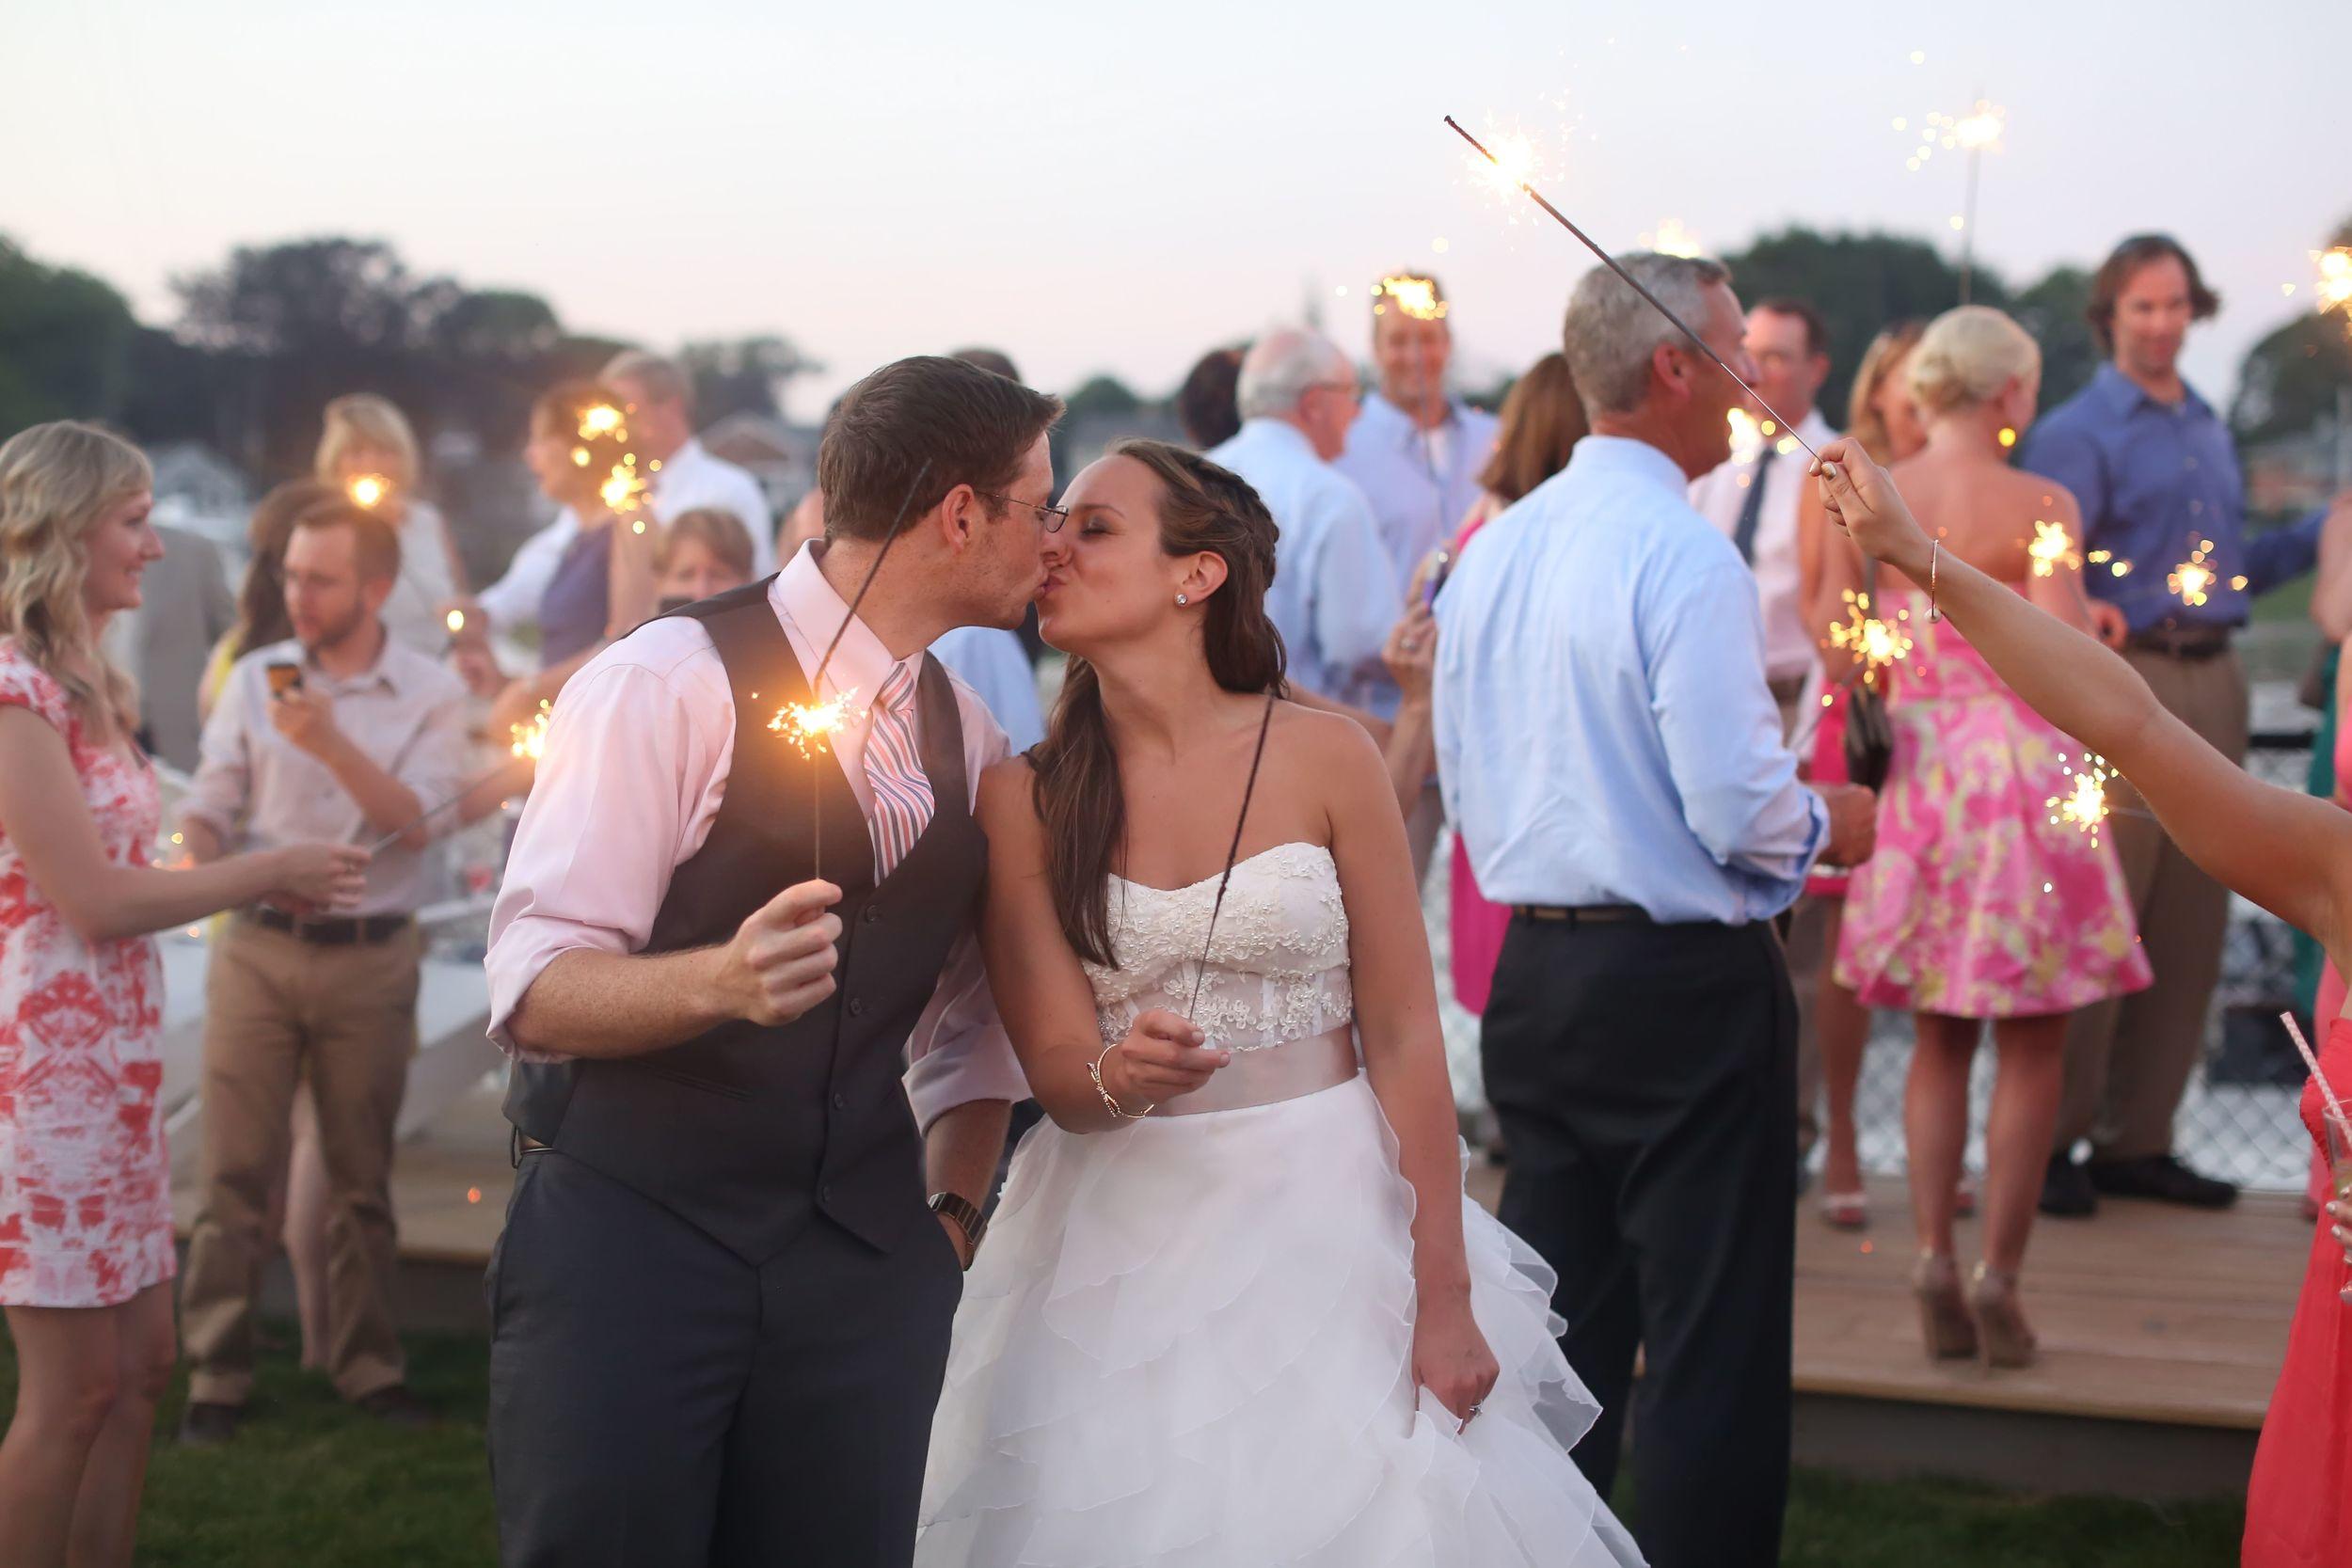 Milford Yacht Club Wedding Fairfield County Wedding Amy Champagne Events54.jpg